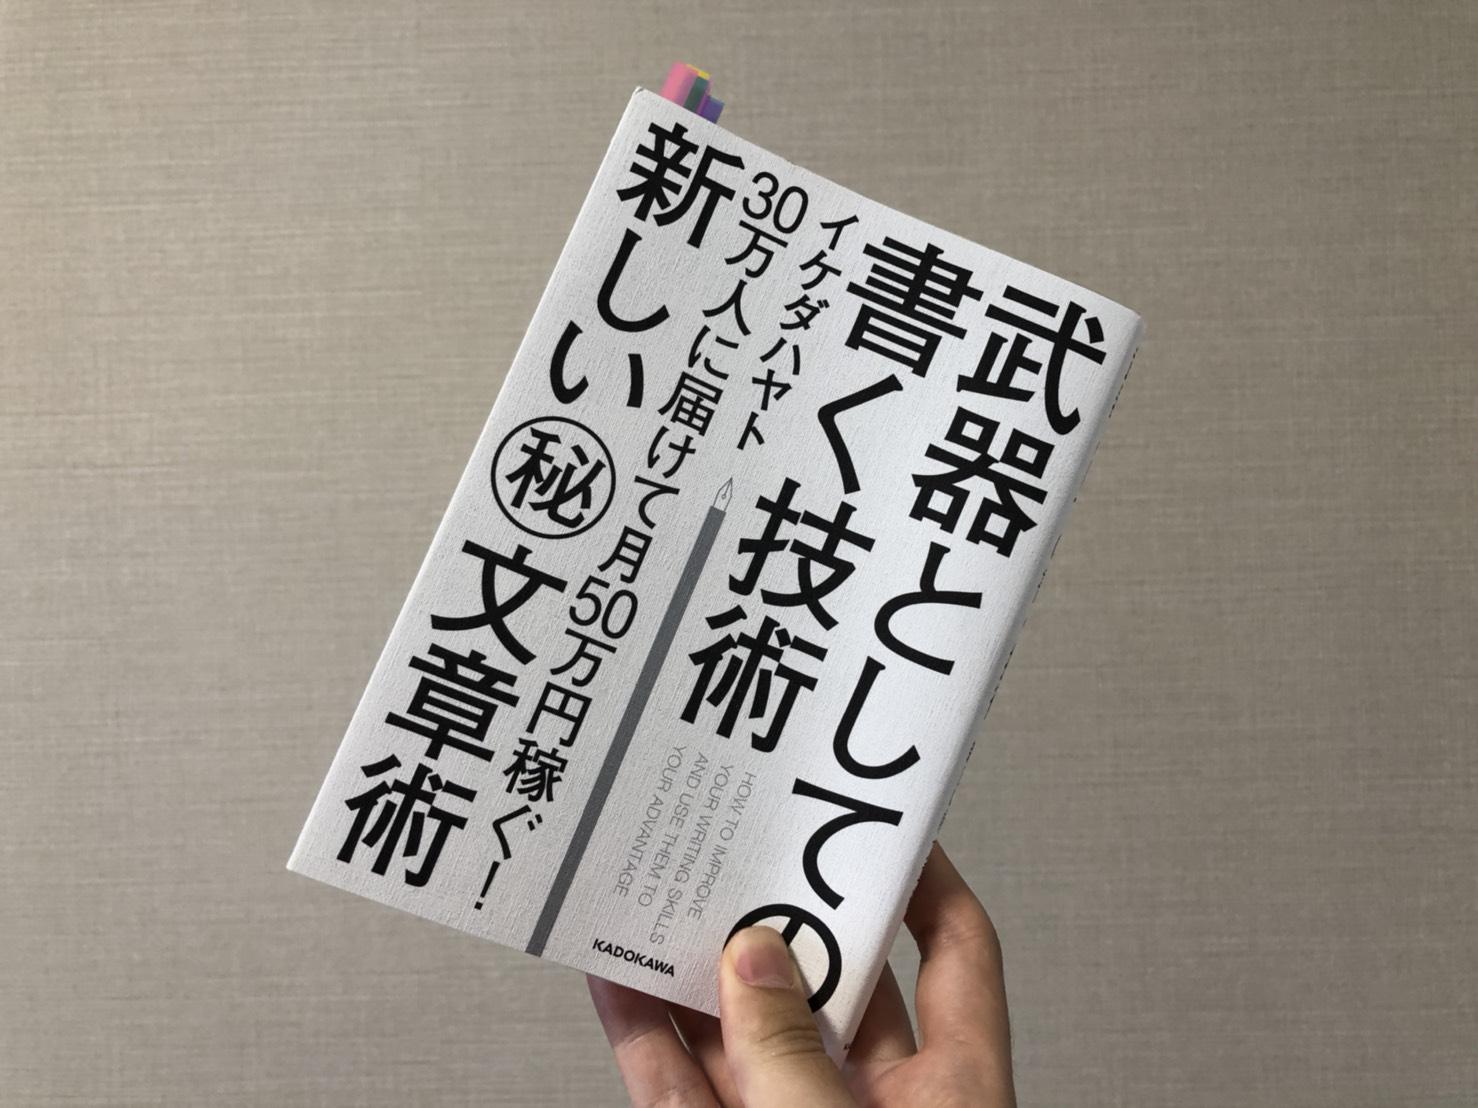 ブログの文章力を上げる!イケハヤ本「武器としての書く技術」で学6つのポイント